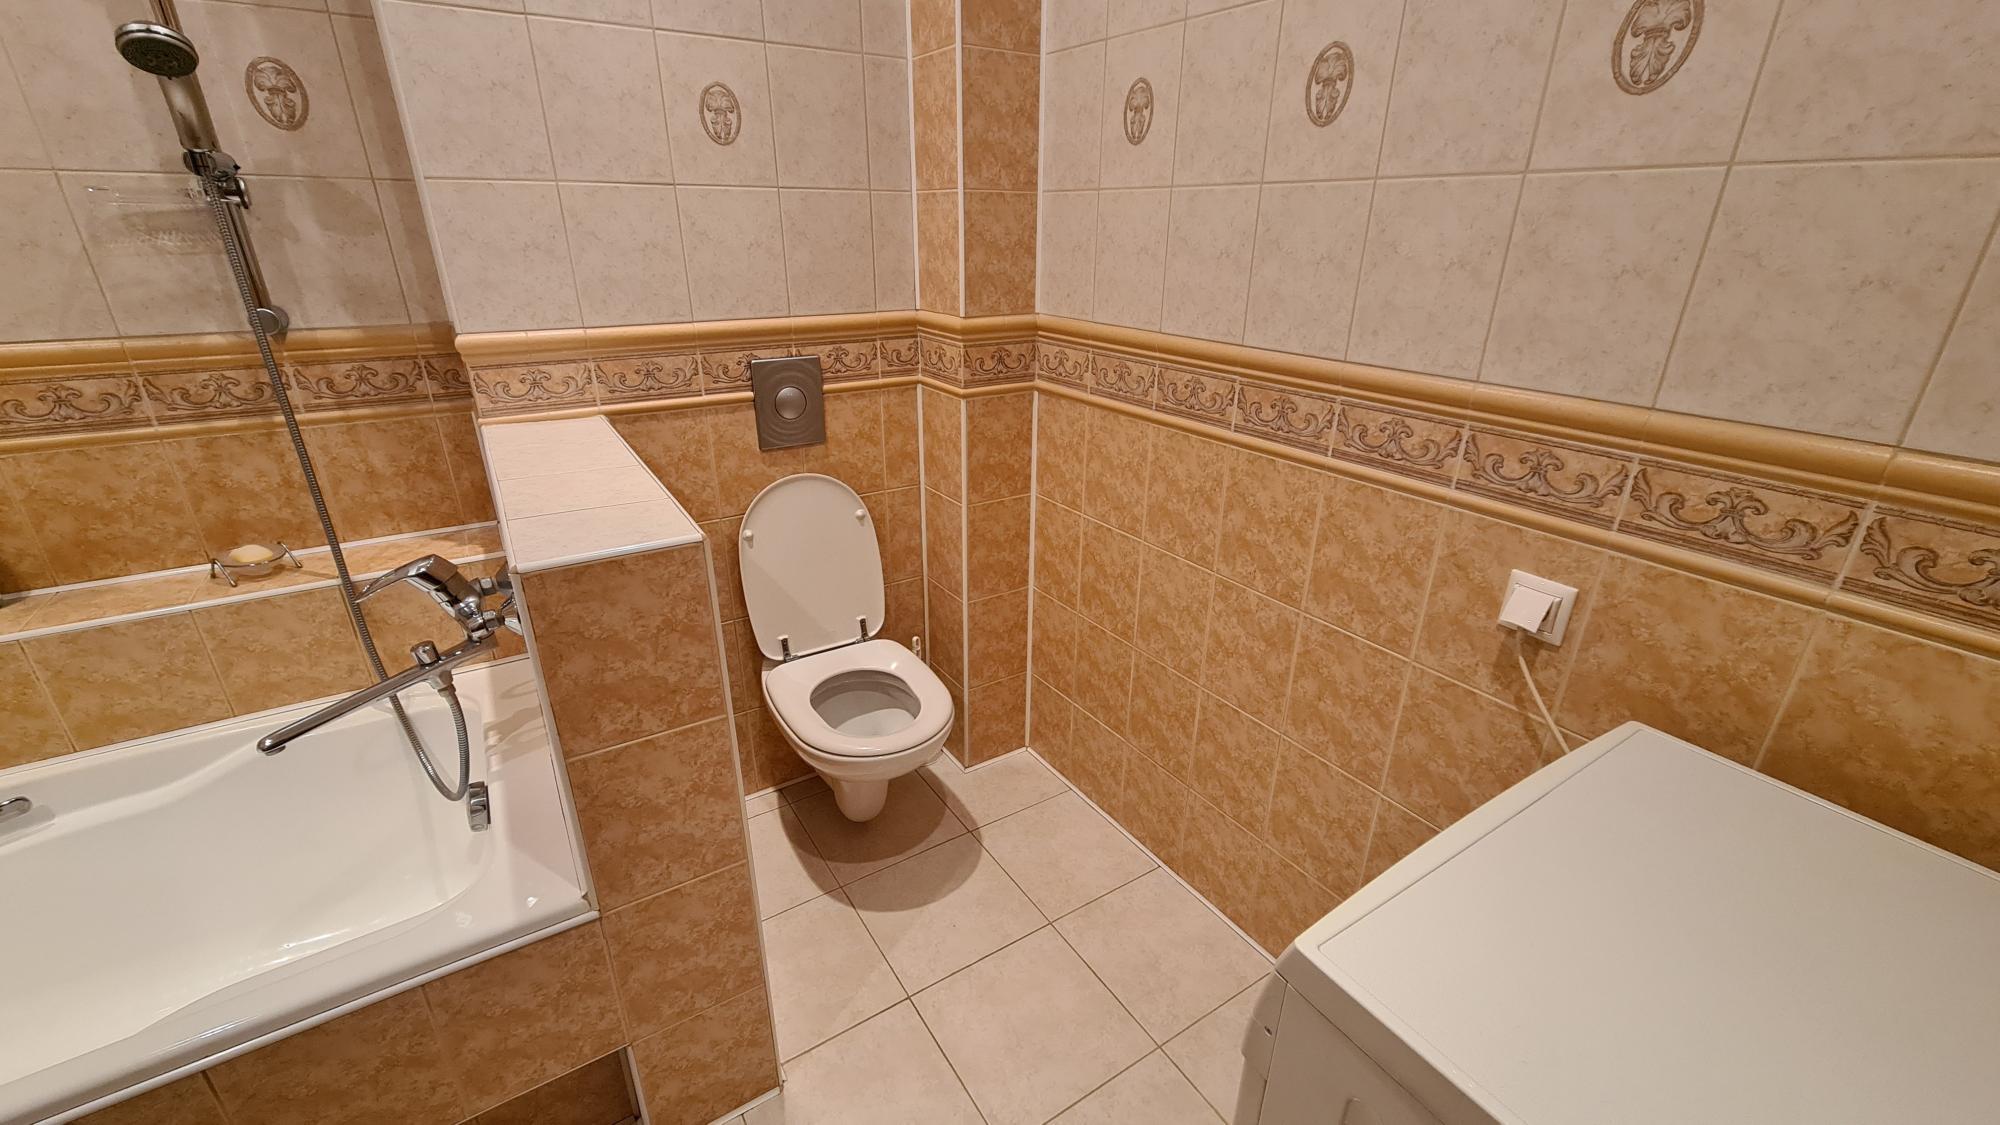 4к квартира улица Елены Стасовой, 25Г | 70000 | аренда в Красноярске фото 14